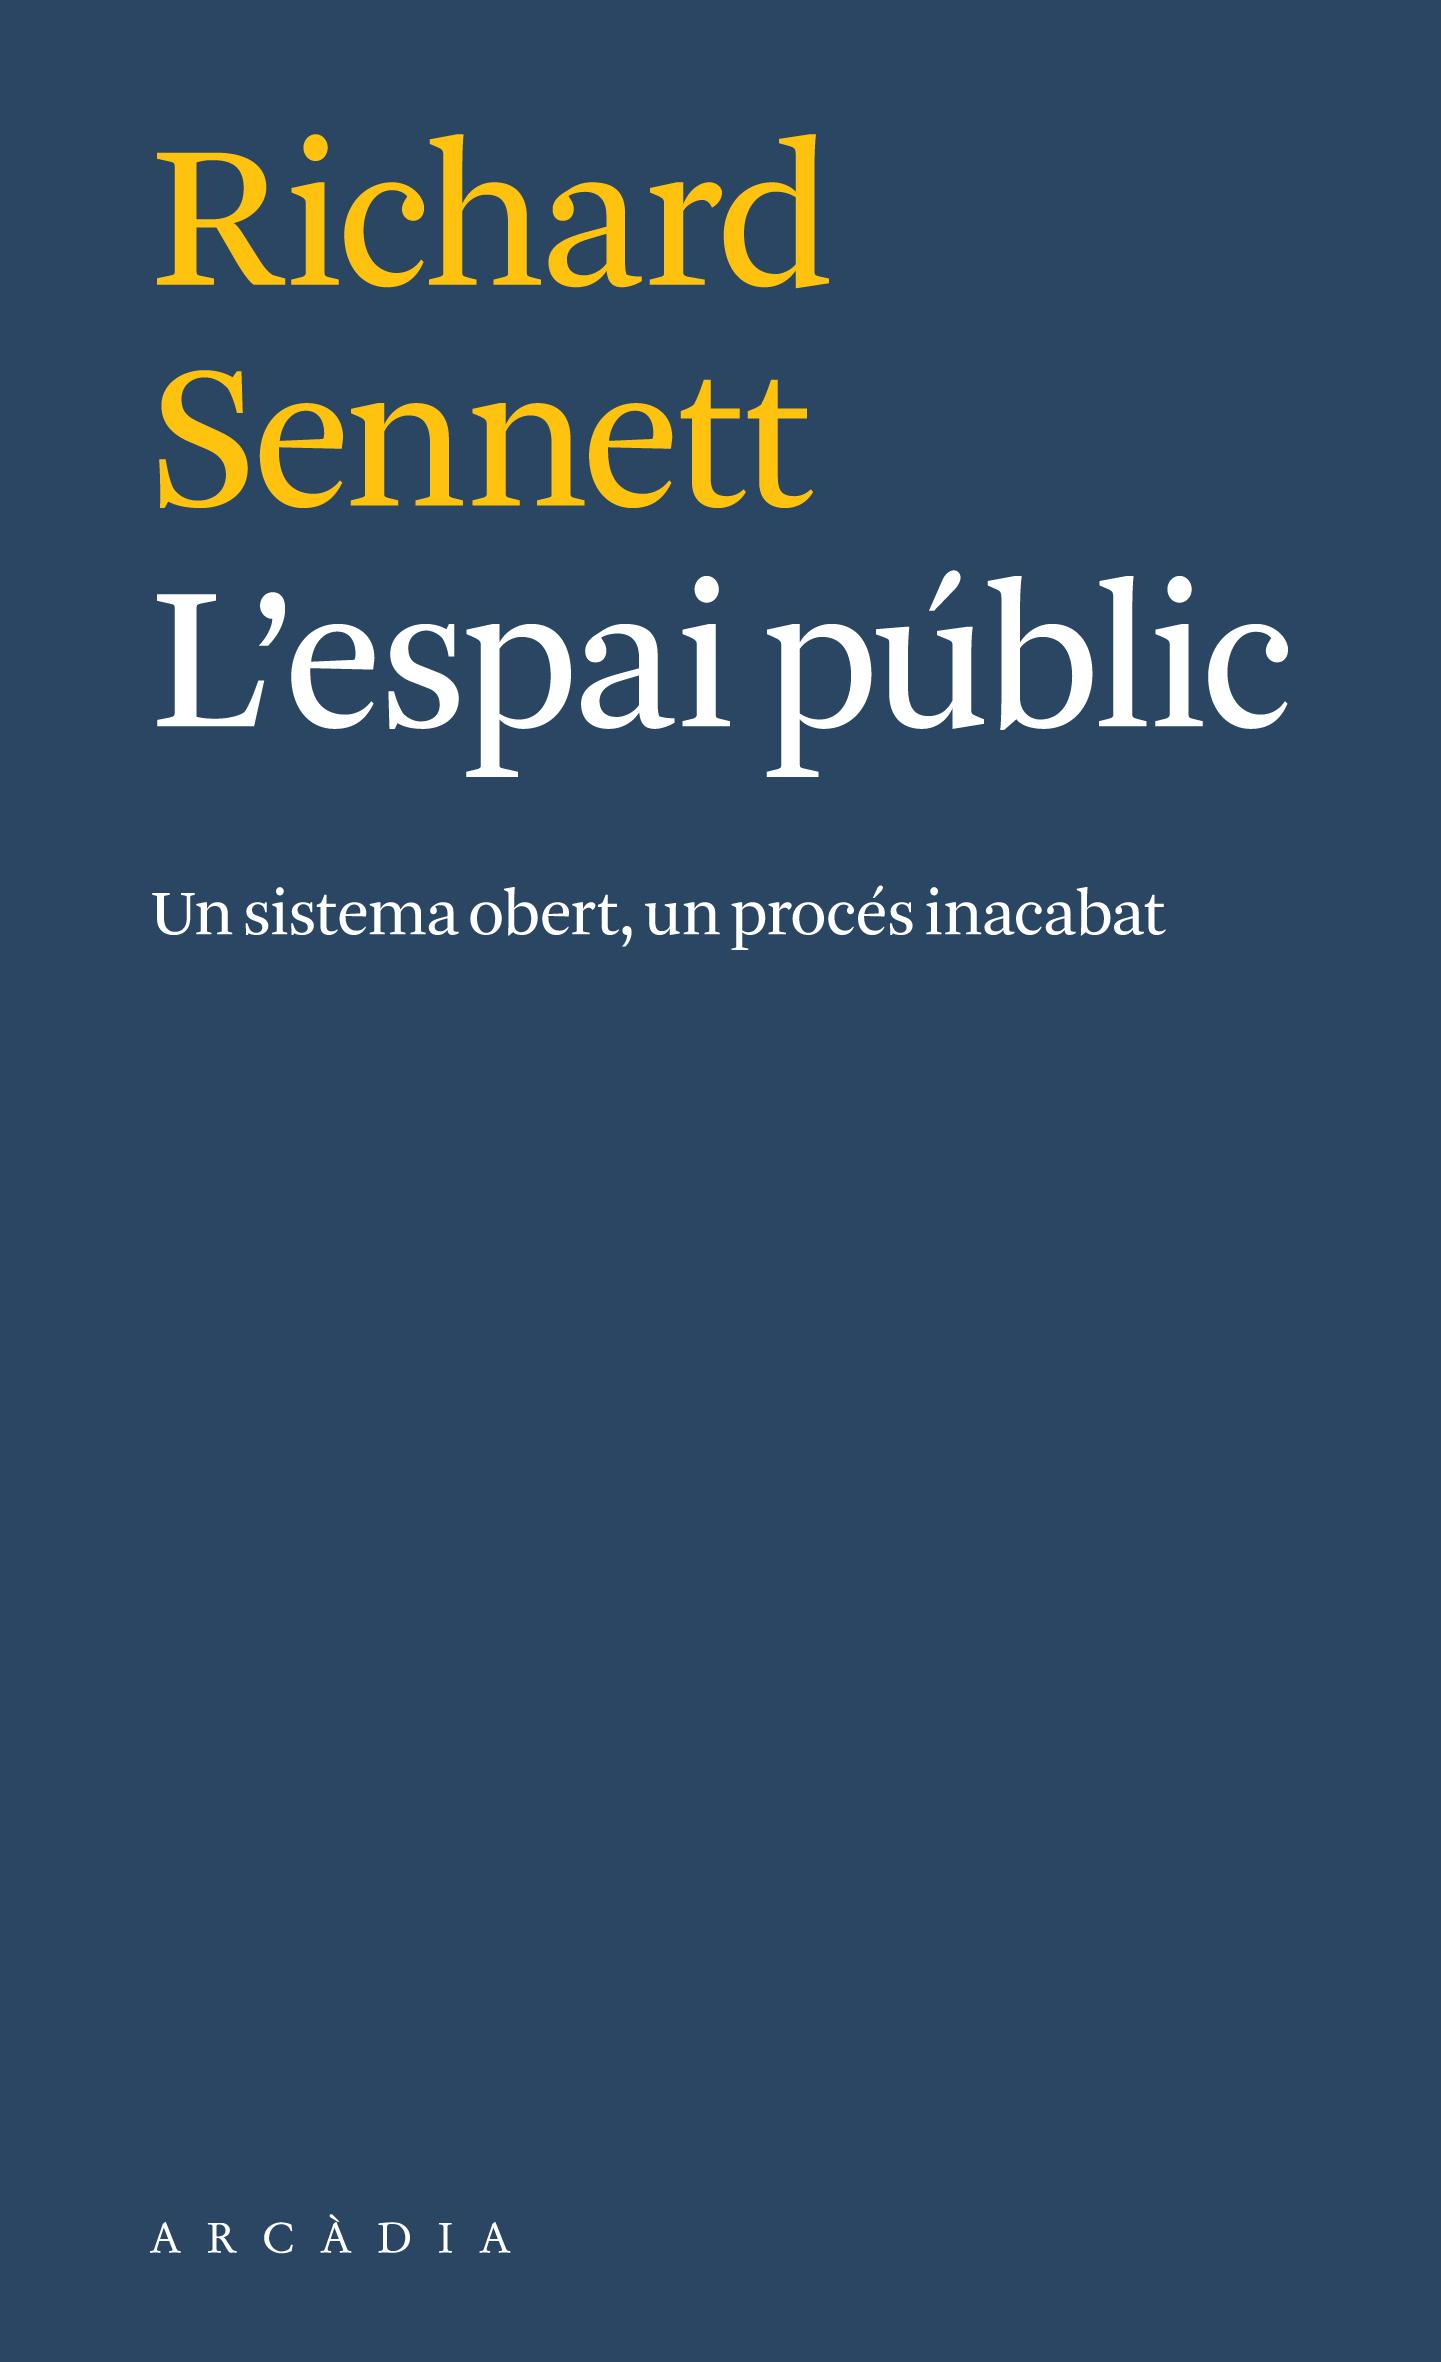 L'espai públic   «Un sistema obert, un procés inacabat»